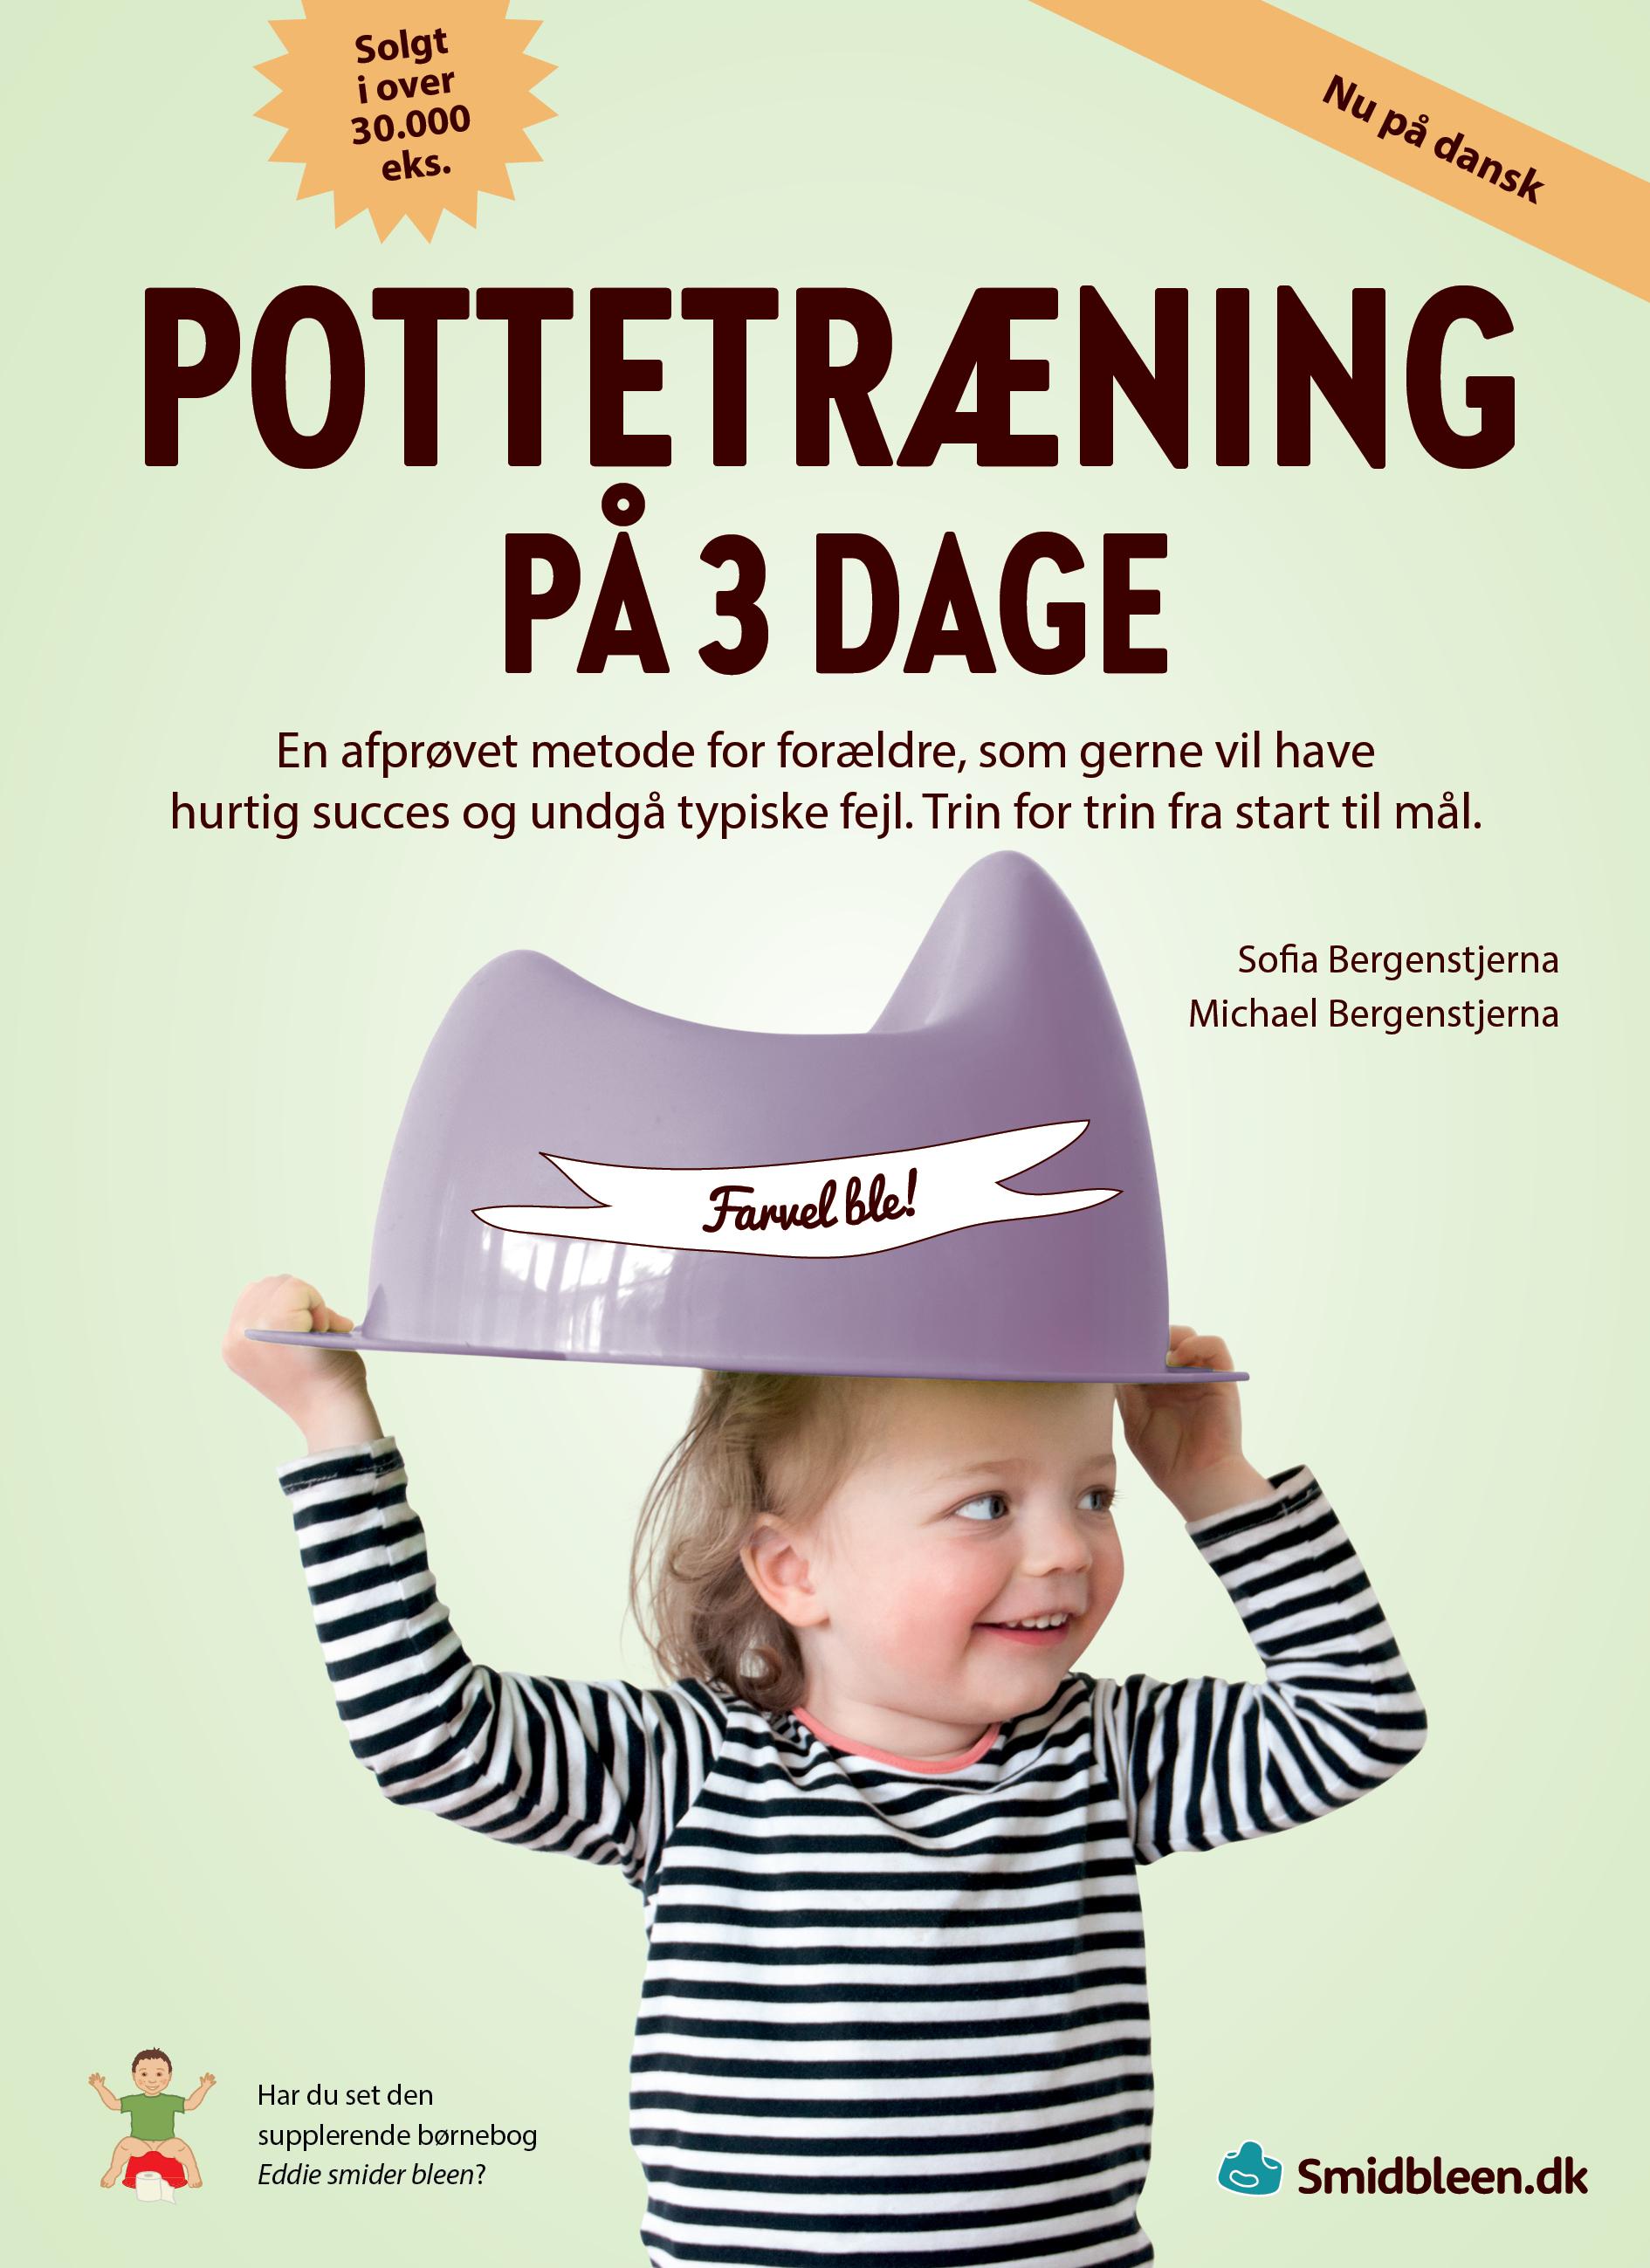 Pottetræning på 3 dage - Michael Bergenstjerna Sofia Bergenstjerna - Bøger - Mountainstar - 9789198605044 - November 25, 2020